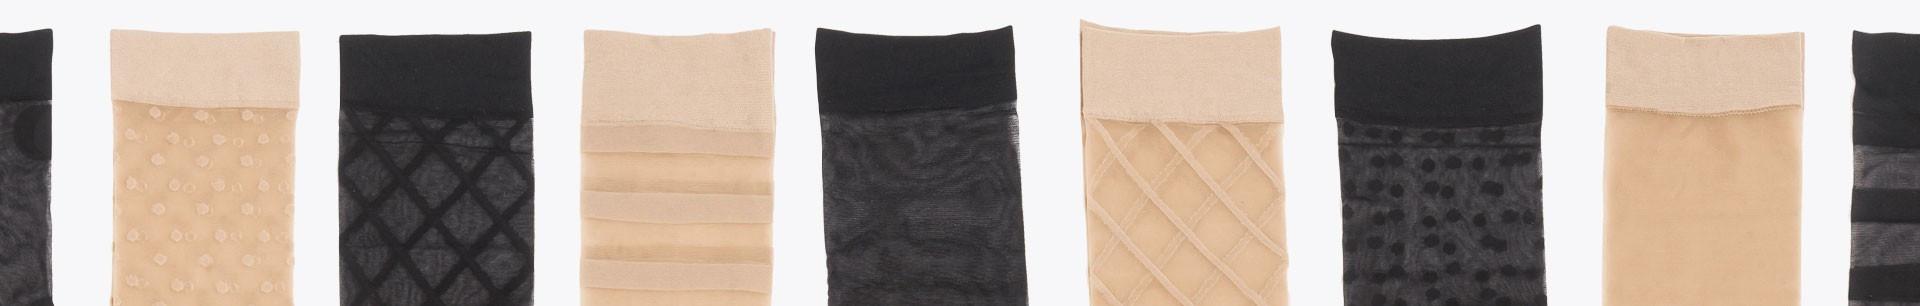 Ladies' Pop Socks | Pringle Pop Socks